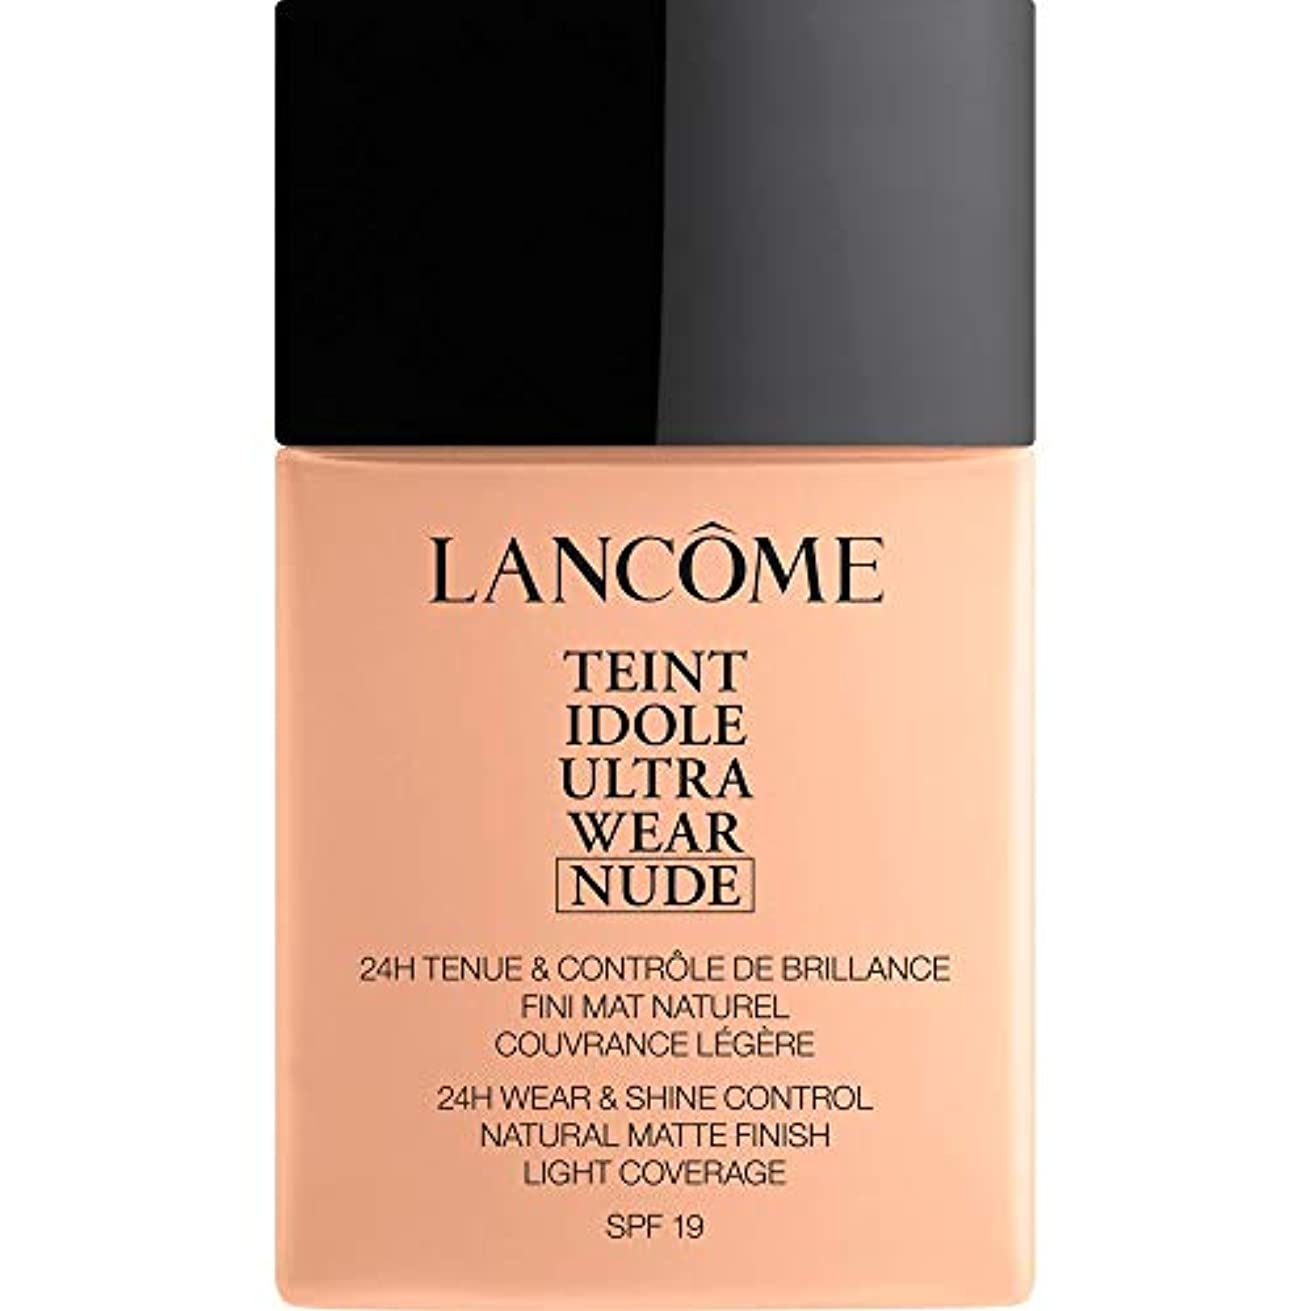 最初に地域強度[Lanc?me] ランコムTeintのIdole超摩耗ヌード財団Spf19の40ミリリットル005 - ベージュコートジボワール - Lancome Teint Idole Ultra Wear Nude Foundation...